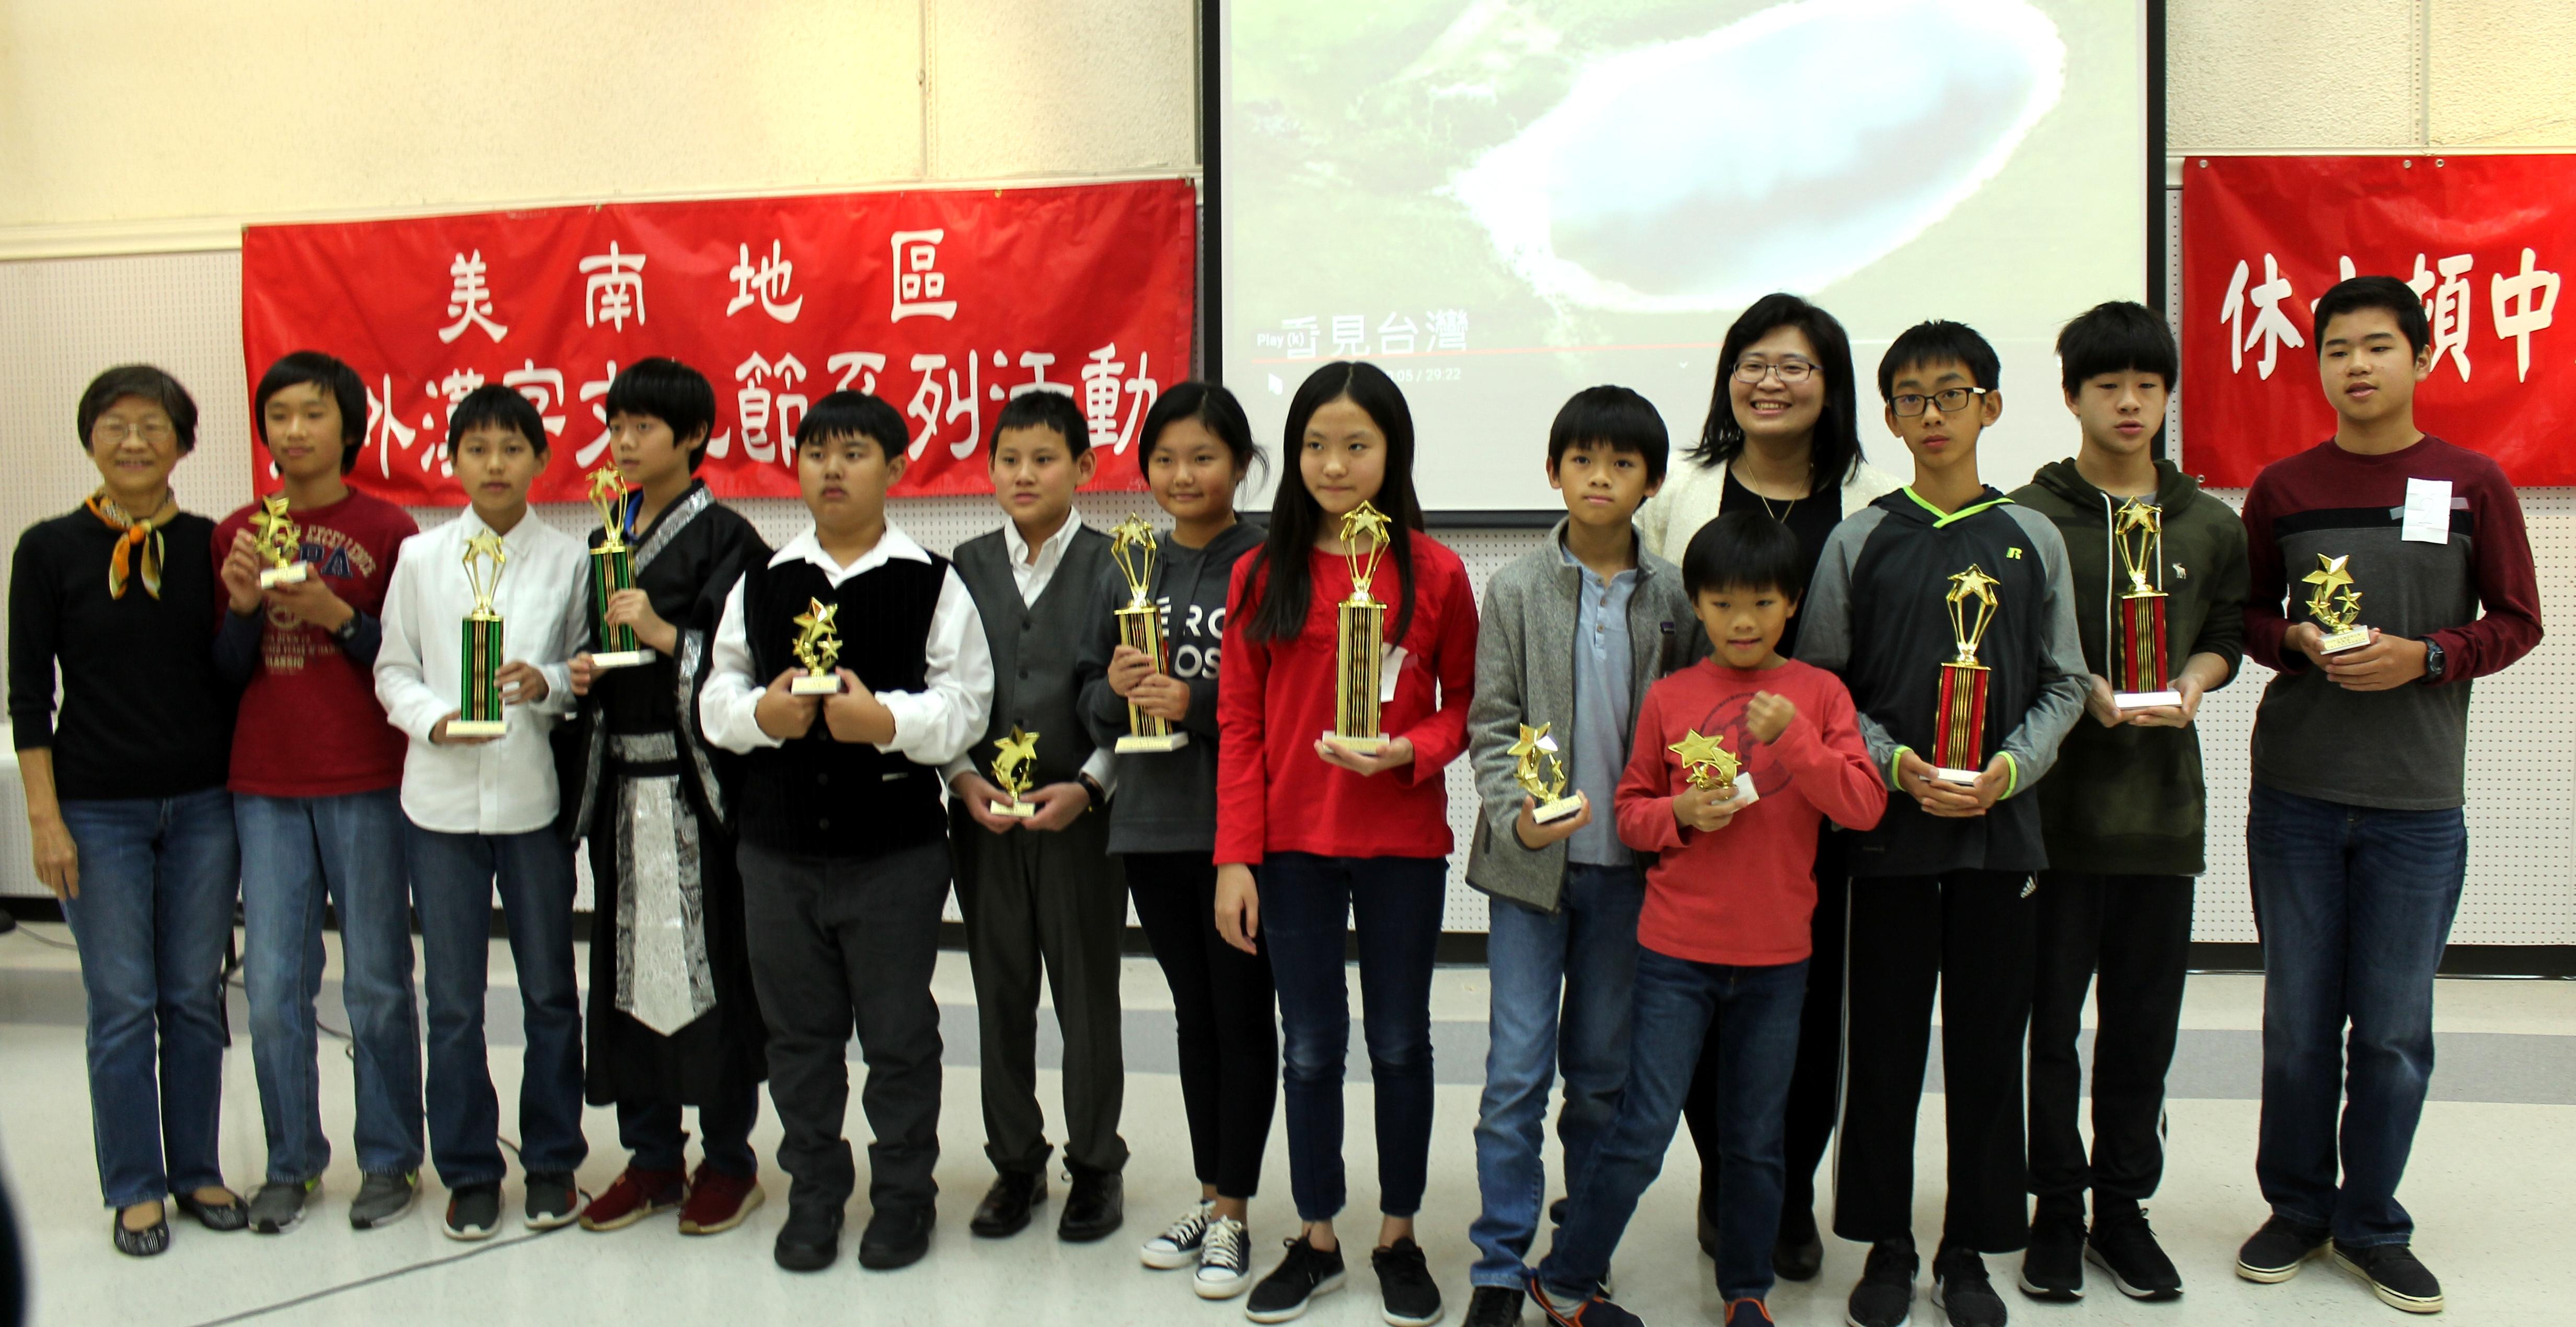 張彩惠(左一)、楊容清(右四)和參賽獲獎學生。(記者盧淑君/攝影)